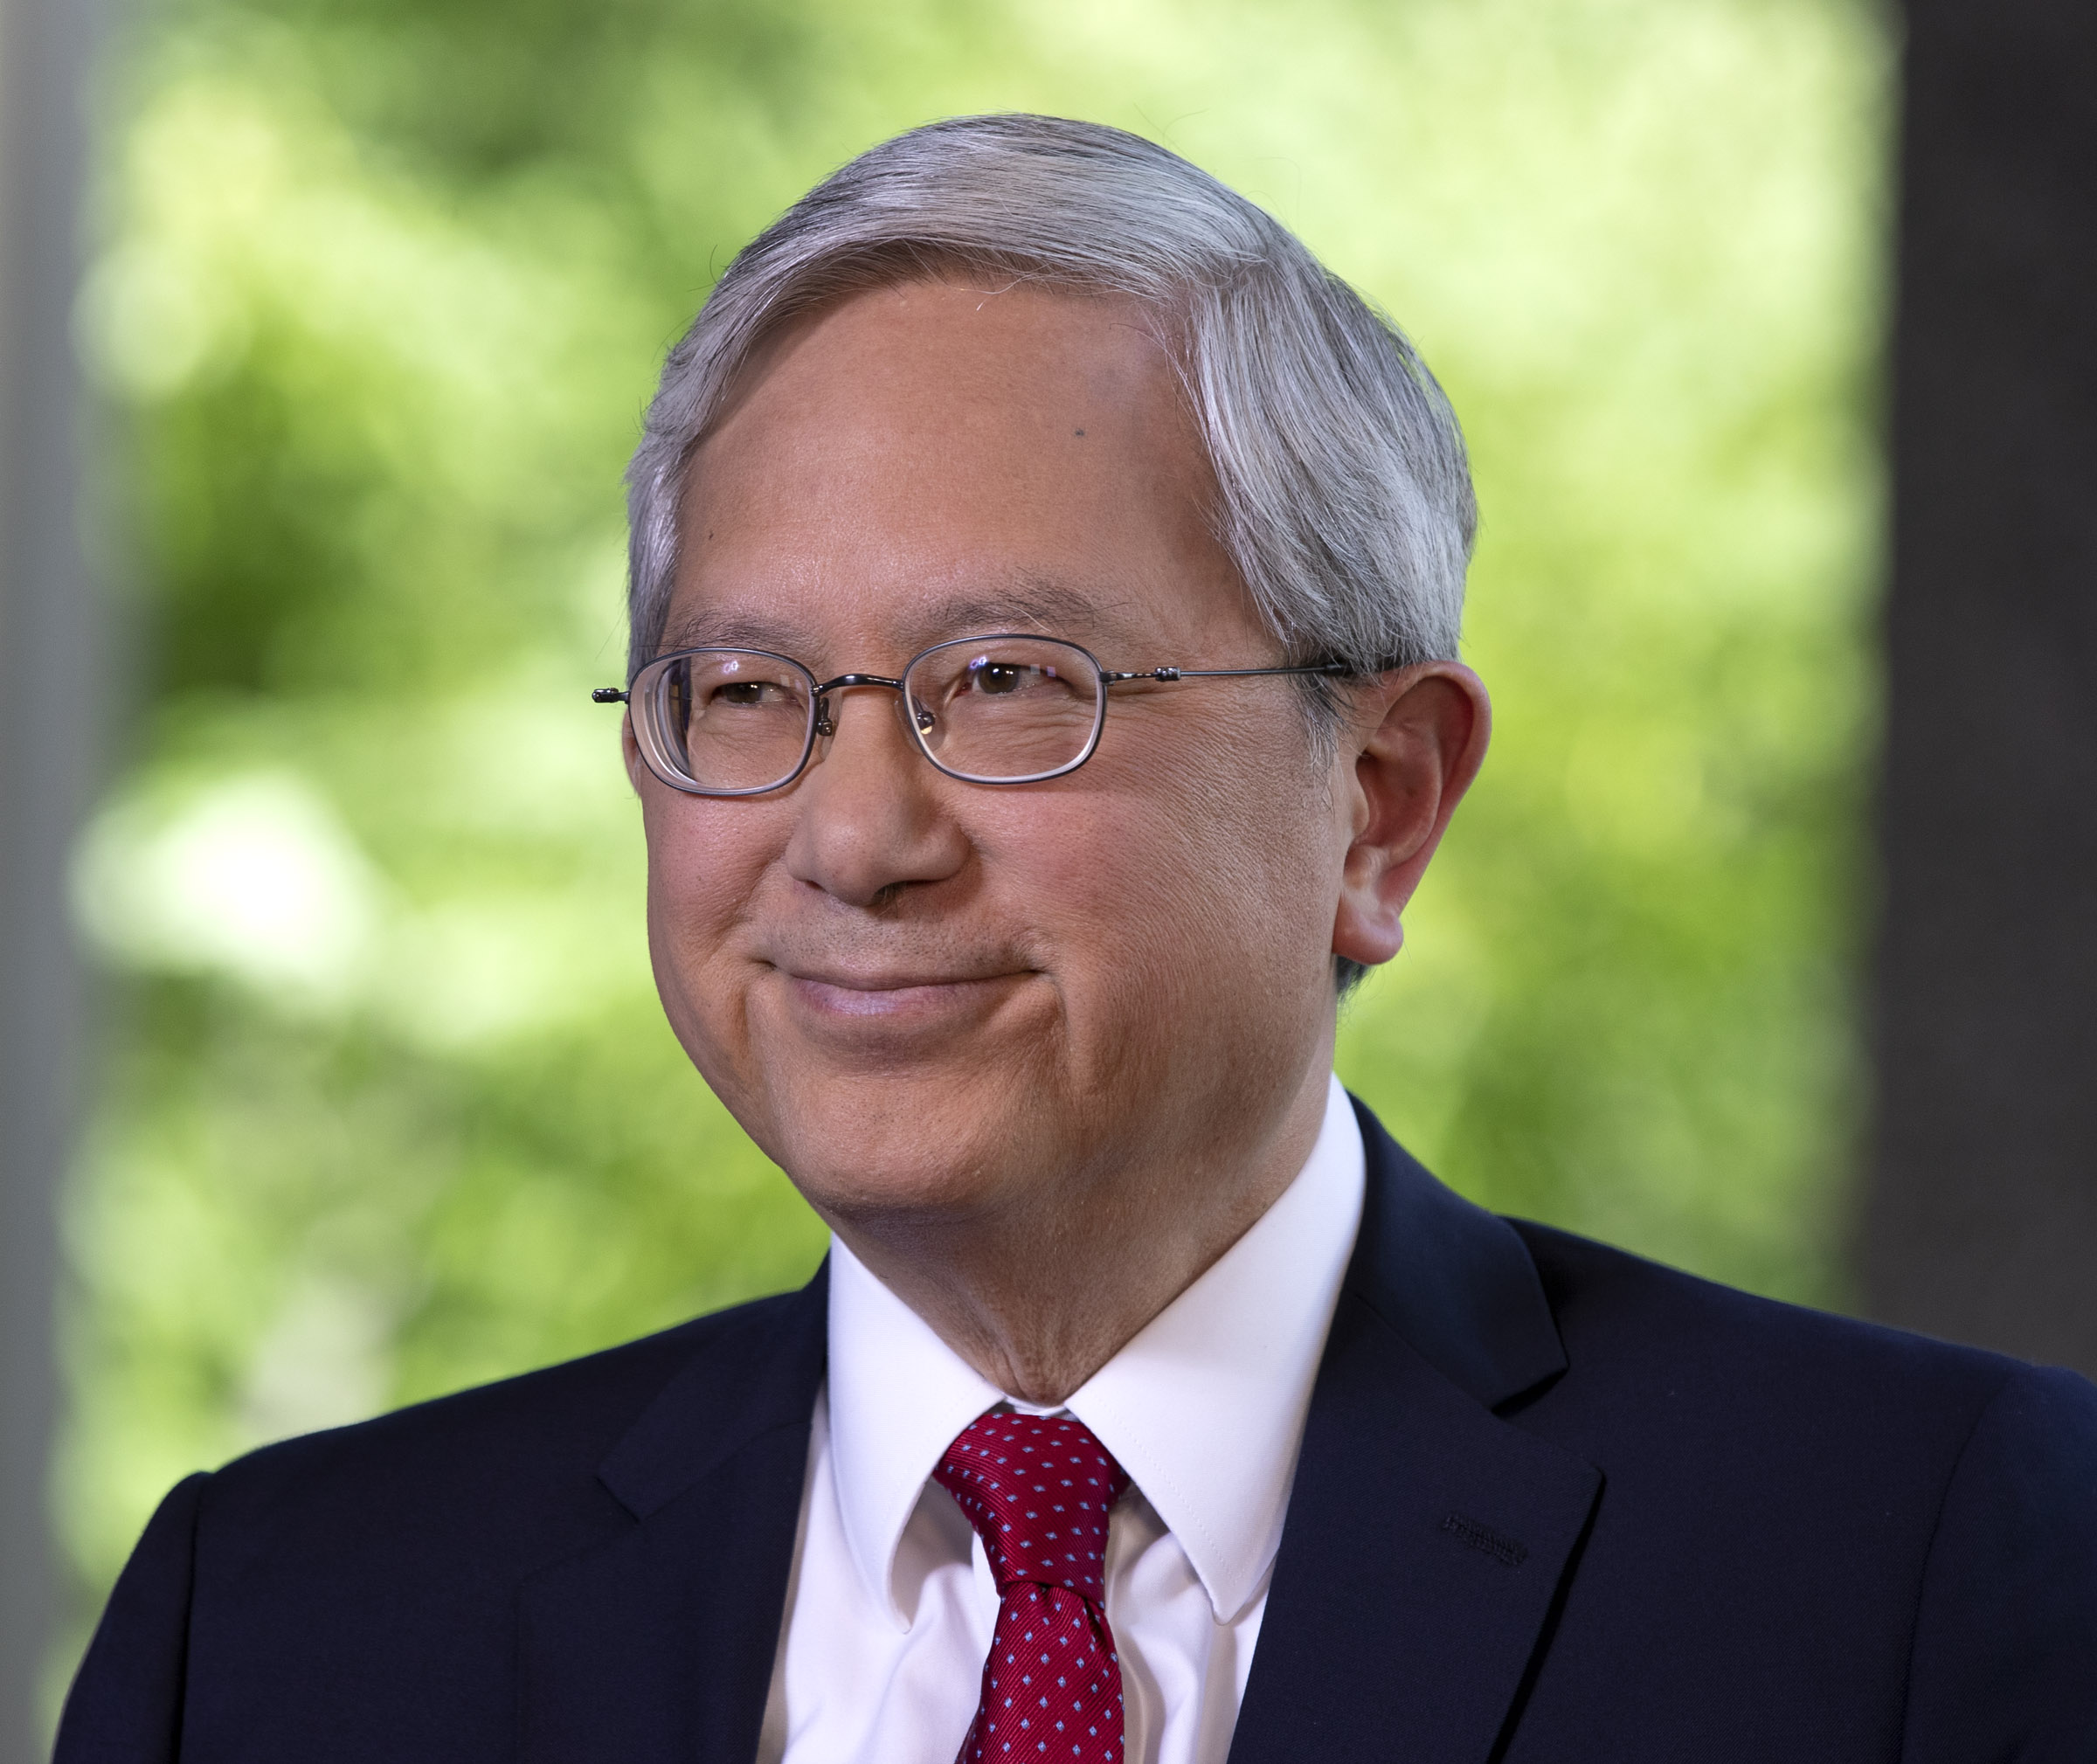 El élder Gerrit W. Gong responde preguntas durante una entrevista en el Centro de Visitantes del Norte en Temple Square en Salt Lake City el jueves, 28 de junio de 2018.